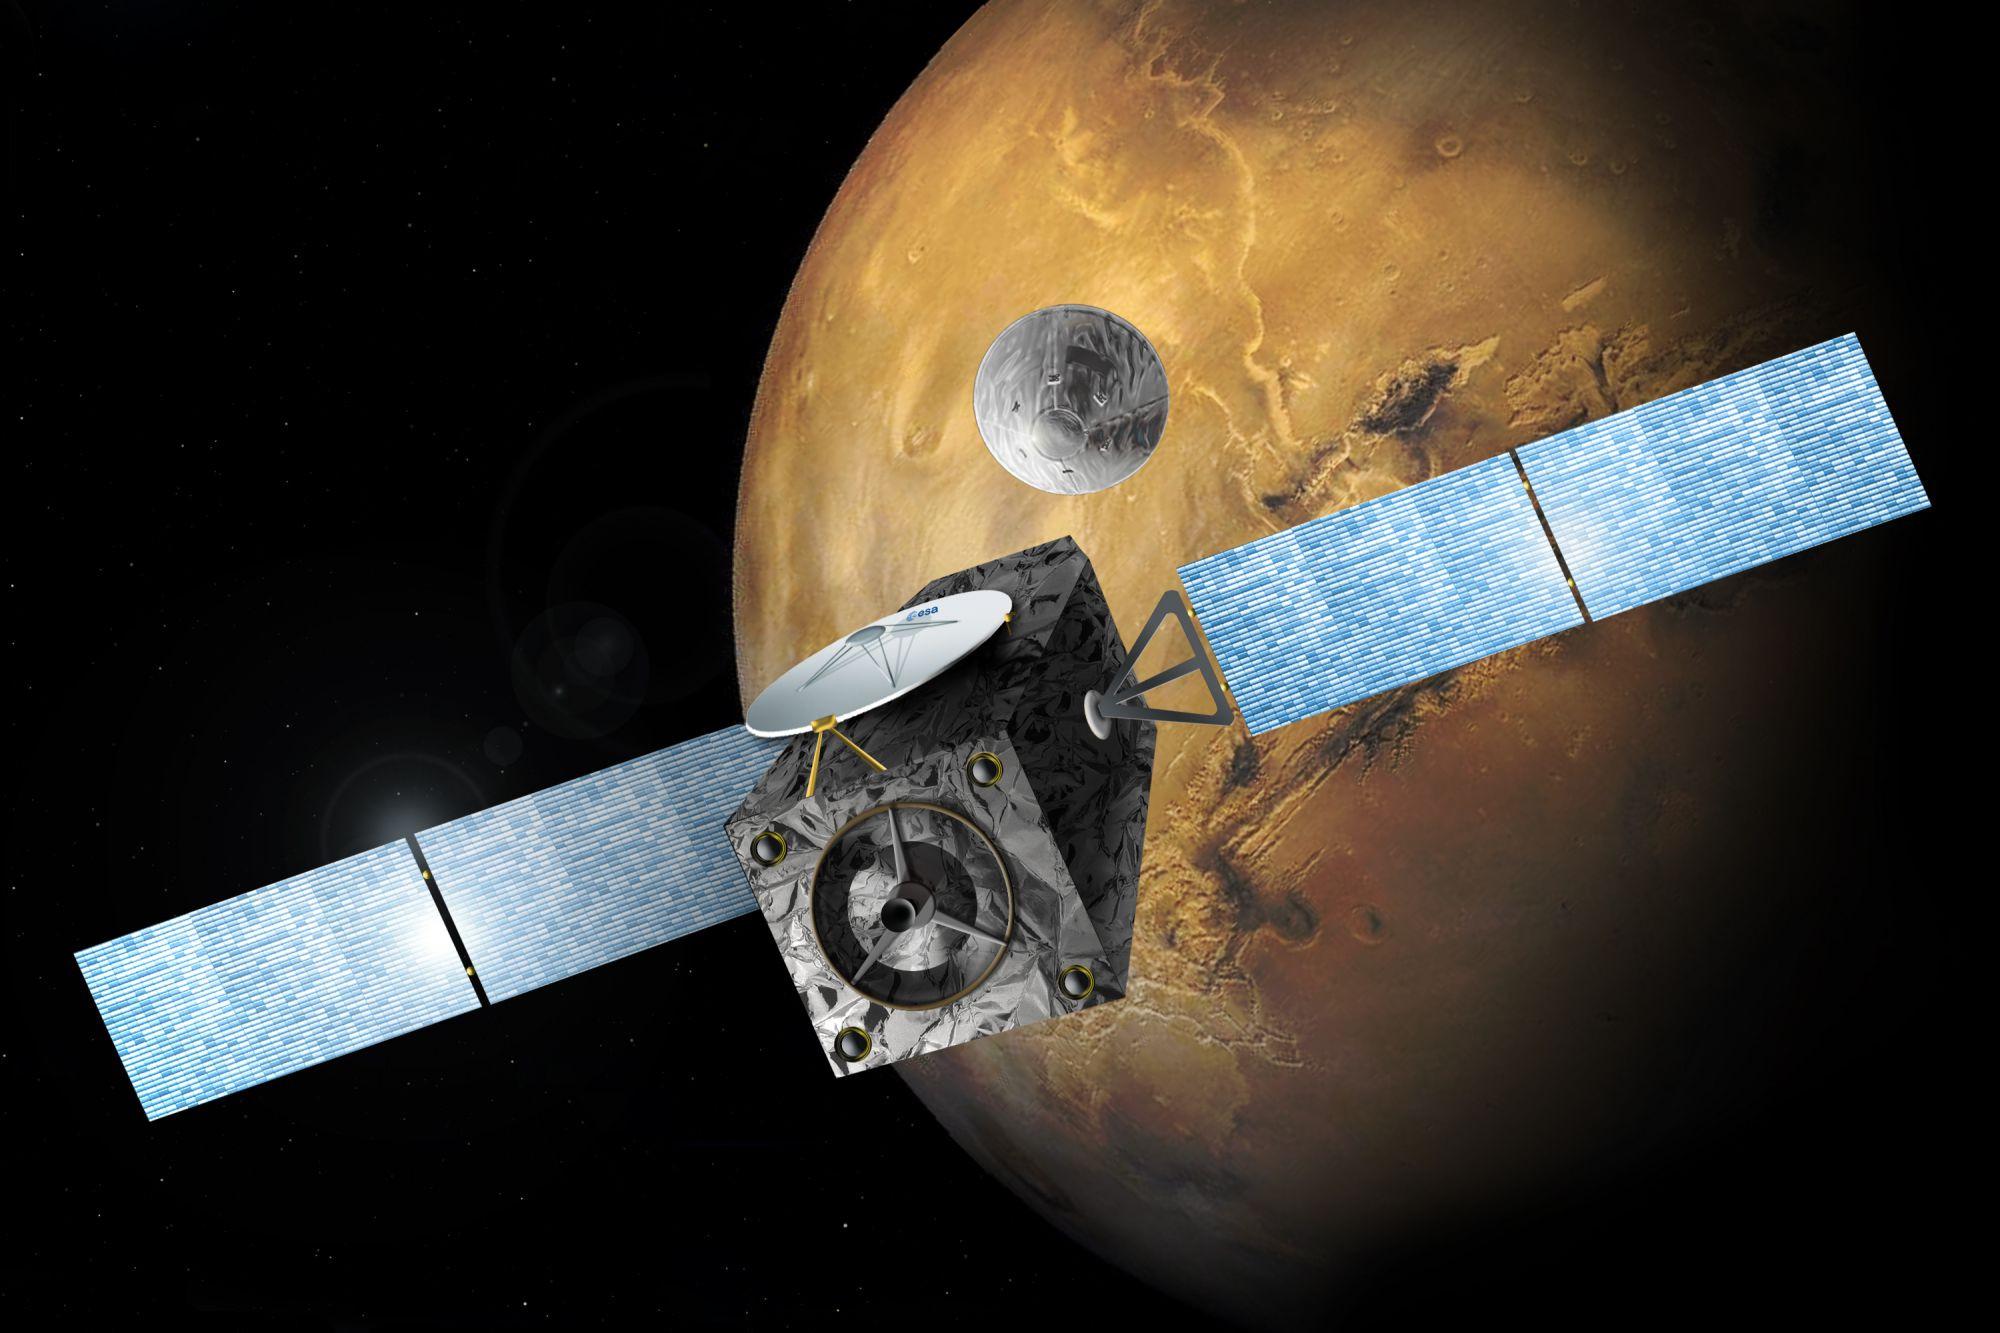 Специалисты EKA назвали точную причину падения модуля «Скиапарелли» наМарс